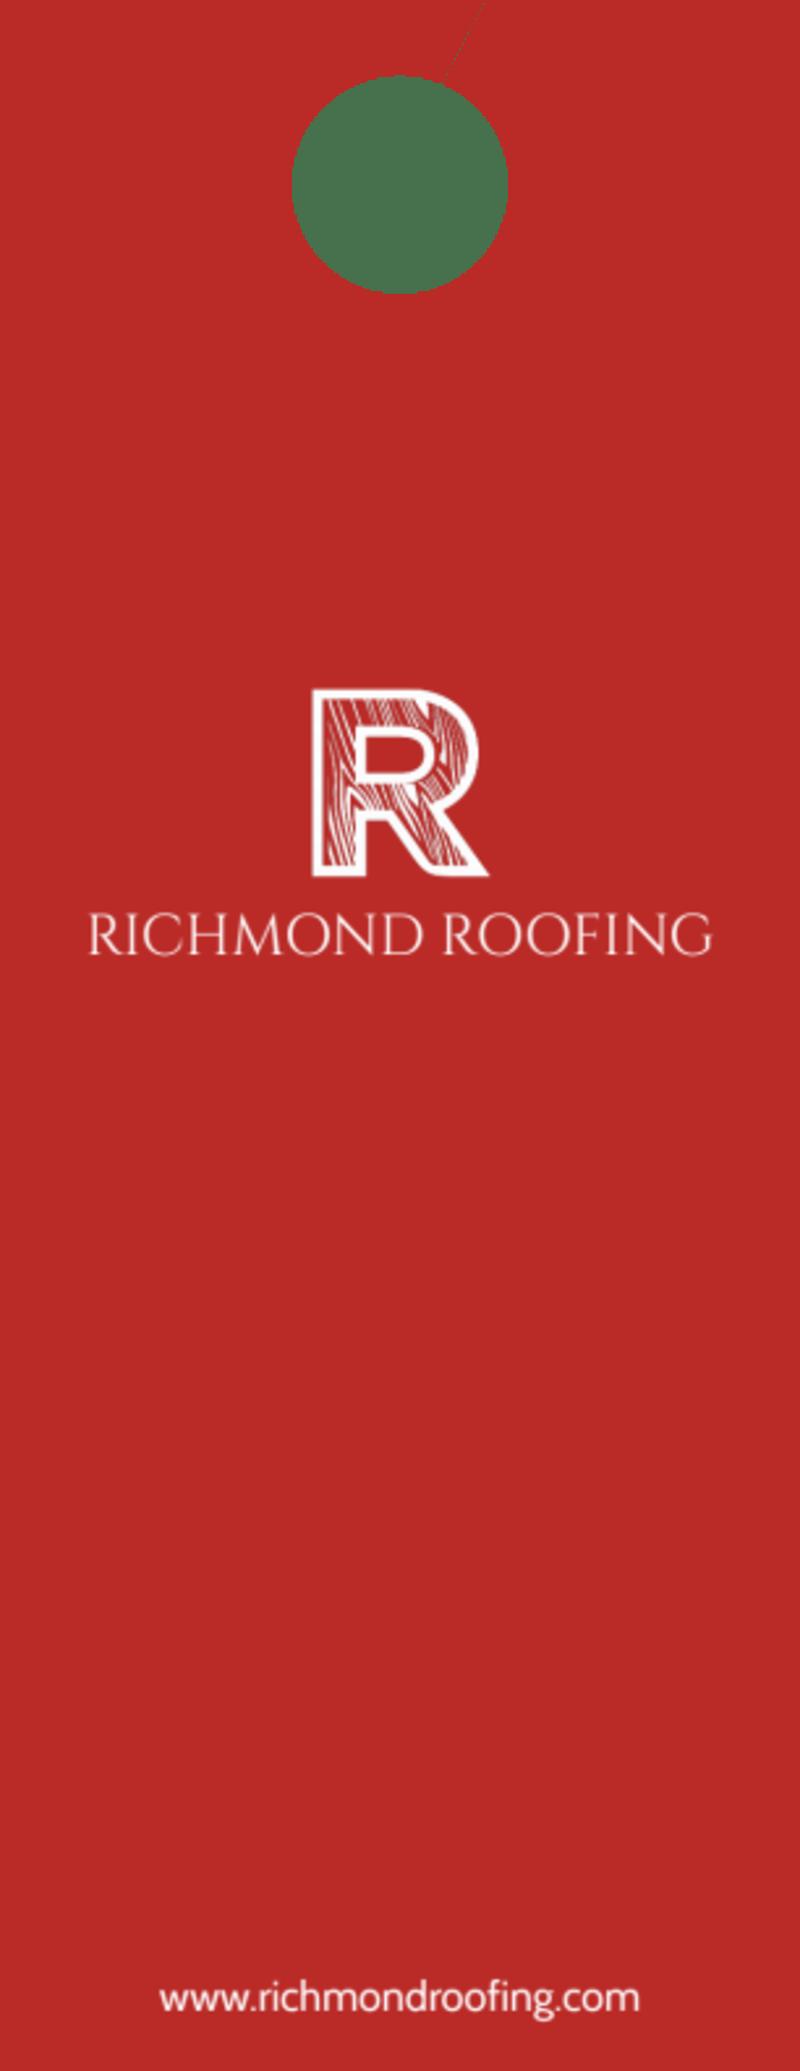 Roofing Quote Door Hanger Template Preview 3